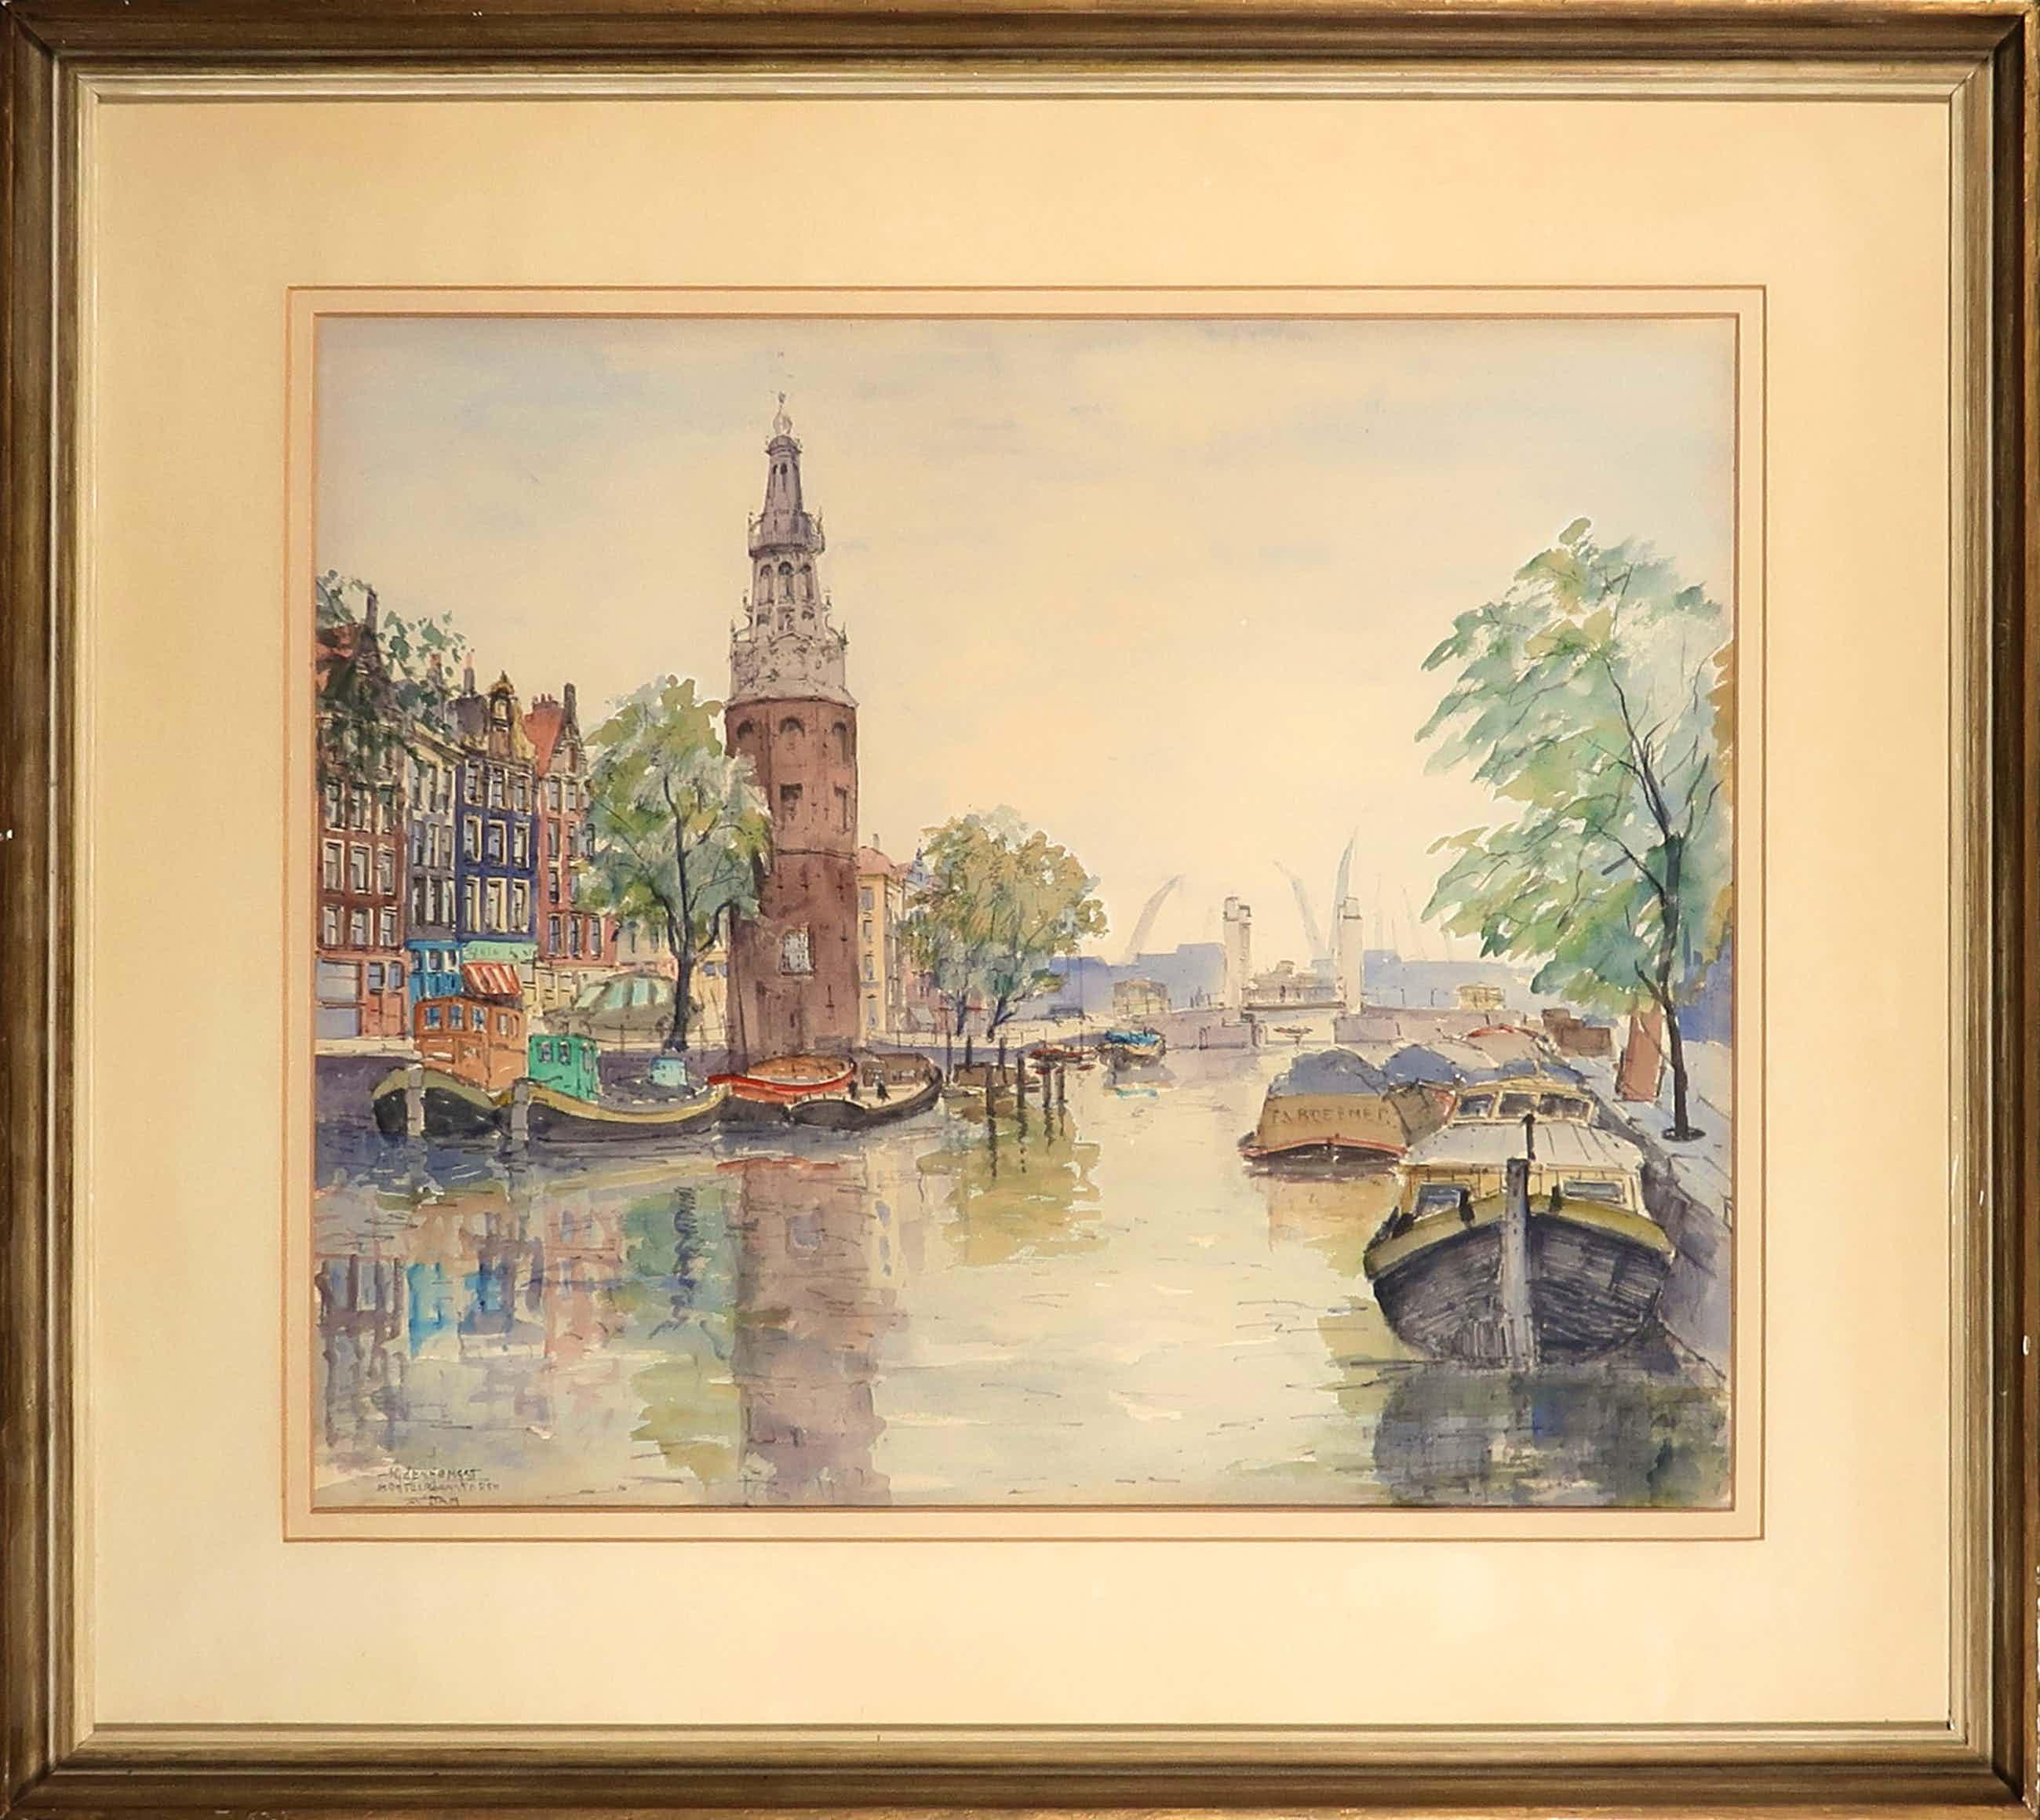 Jan den Hengst - Aquarel, Montelbaanstoren Amsterdam - Ingelijst kopen? Bied vanaf 150!